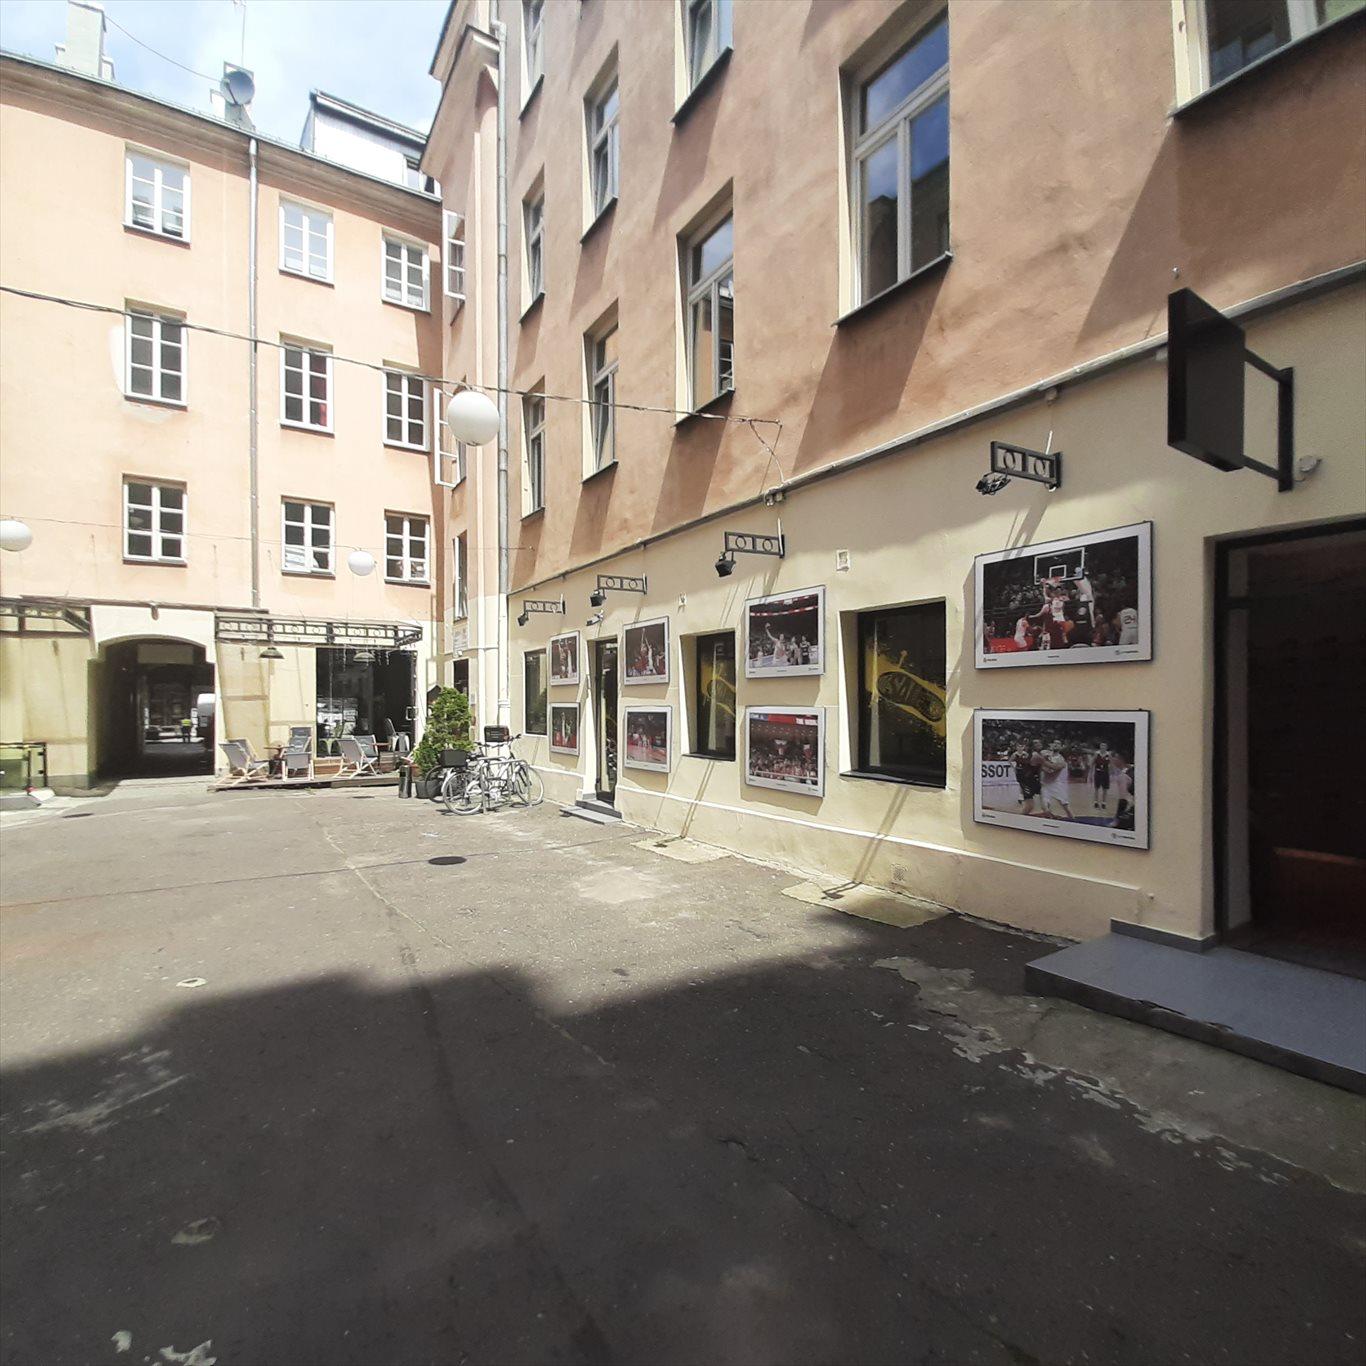 Lokal użytkowy na wynajem Warszawa, Śródmieście, Chmielna 21 21  63m2 Foto 9